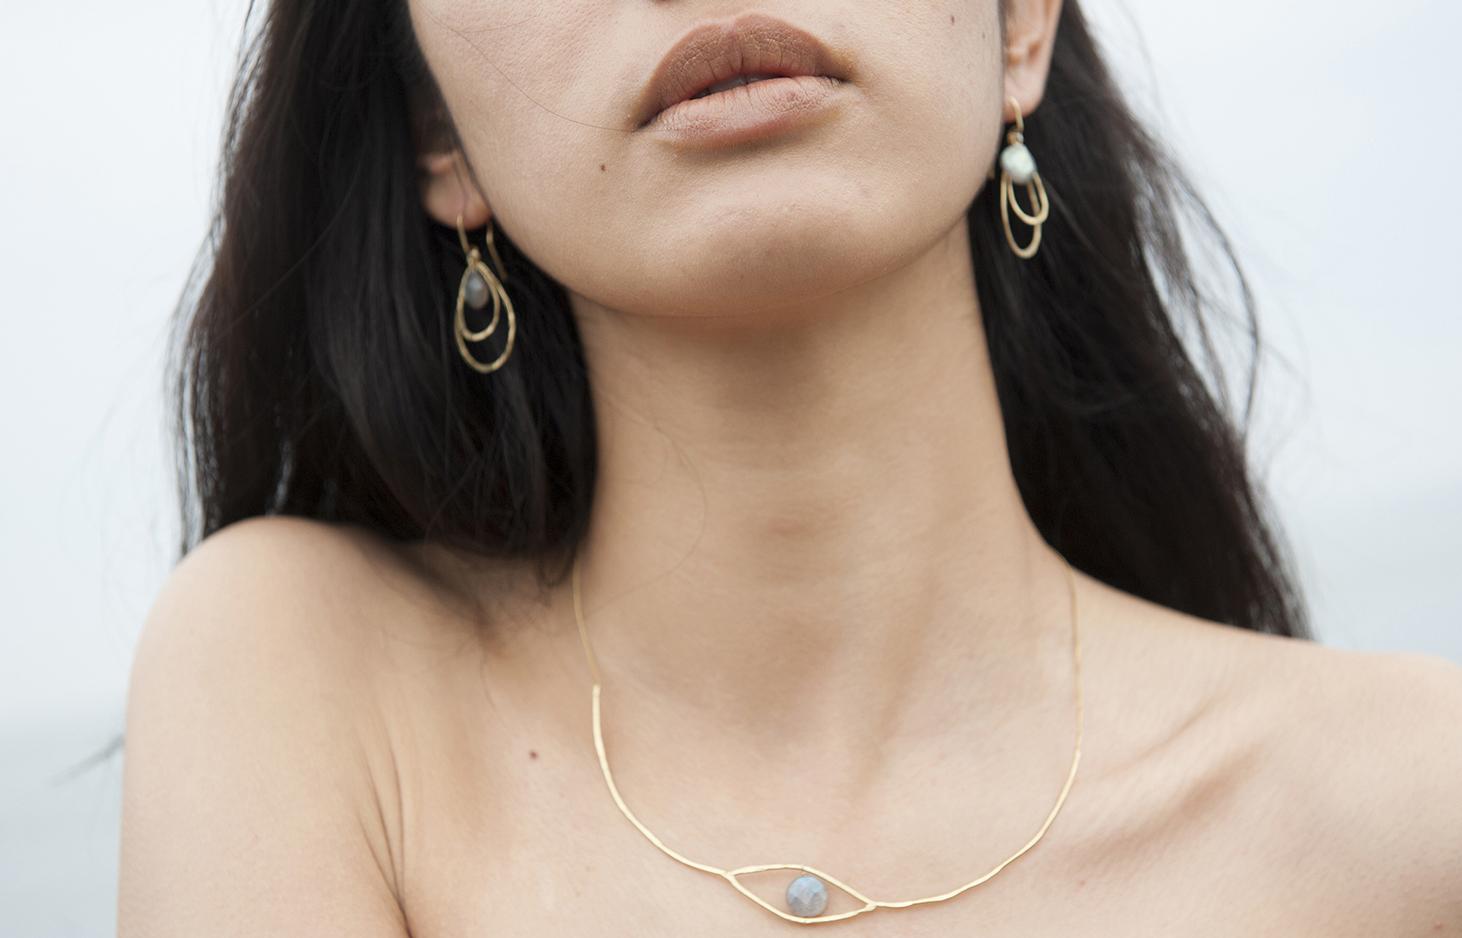 Eri Oya porte un collier rigide, forme de l'oeil, les boucles d'oreilles Pluies, goutte, pierres semi précieuses.